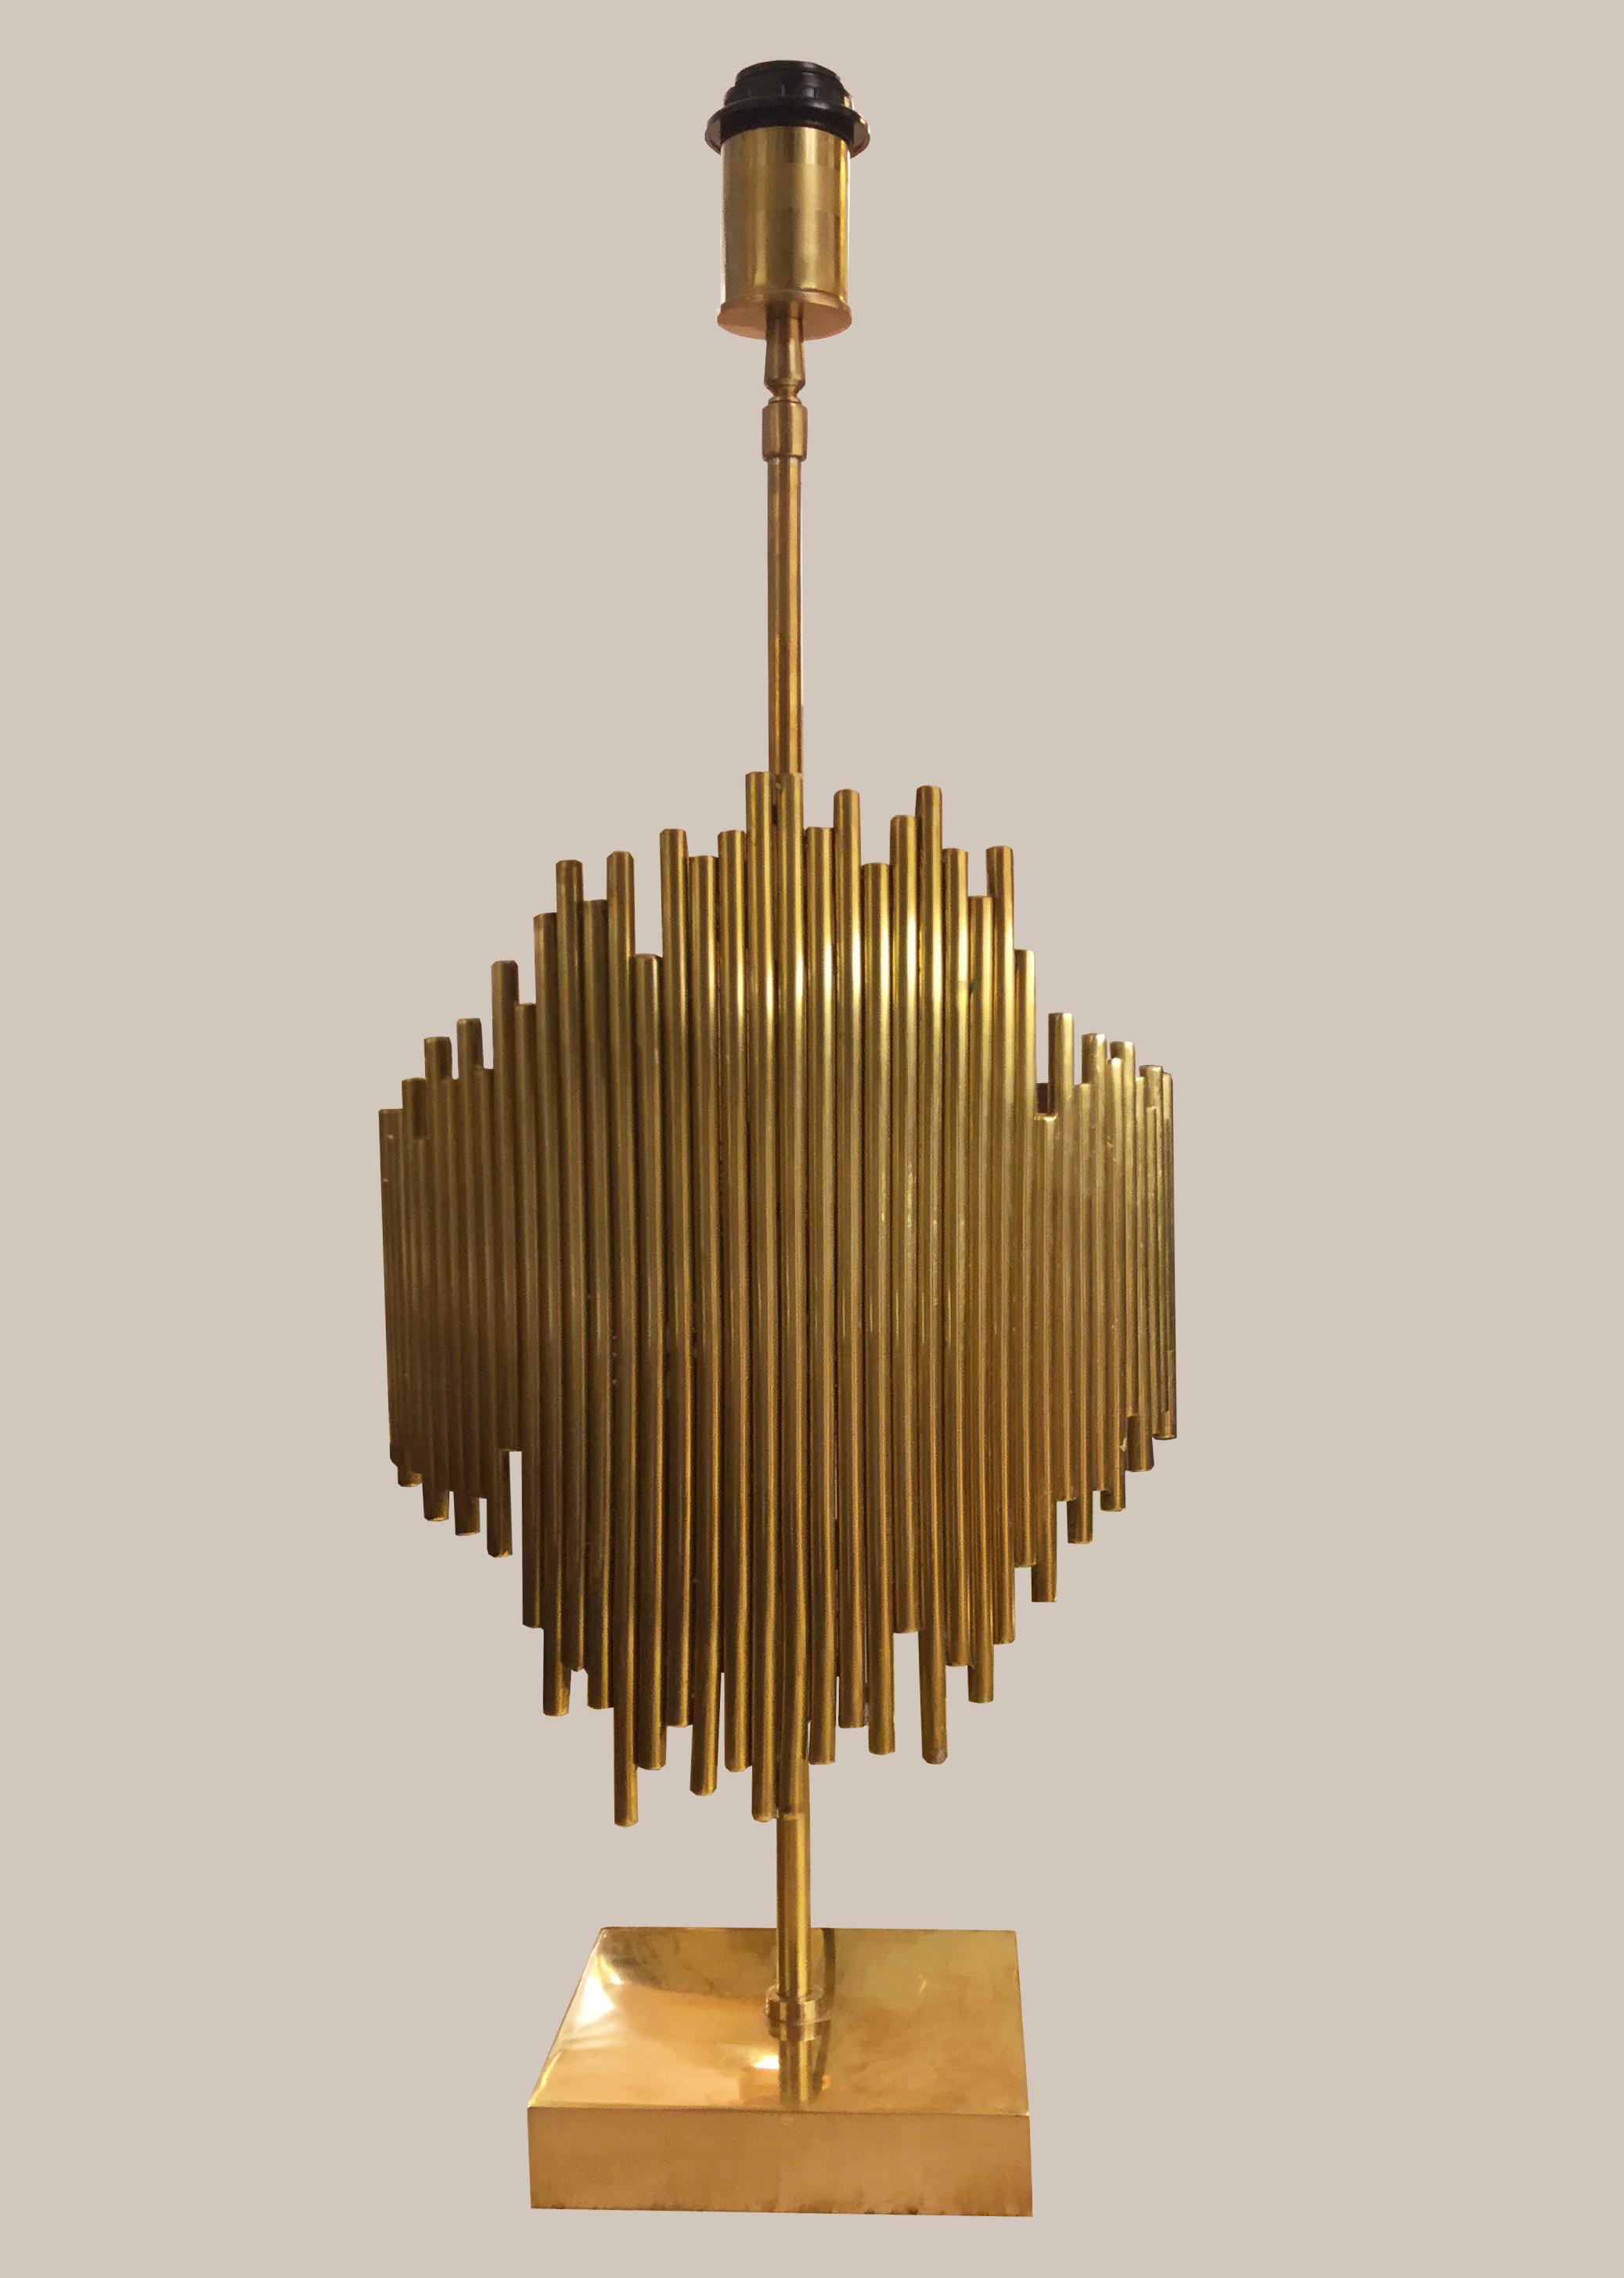 Lampe flute de pan laiton doré